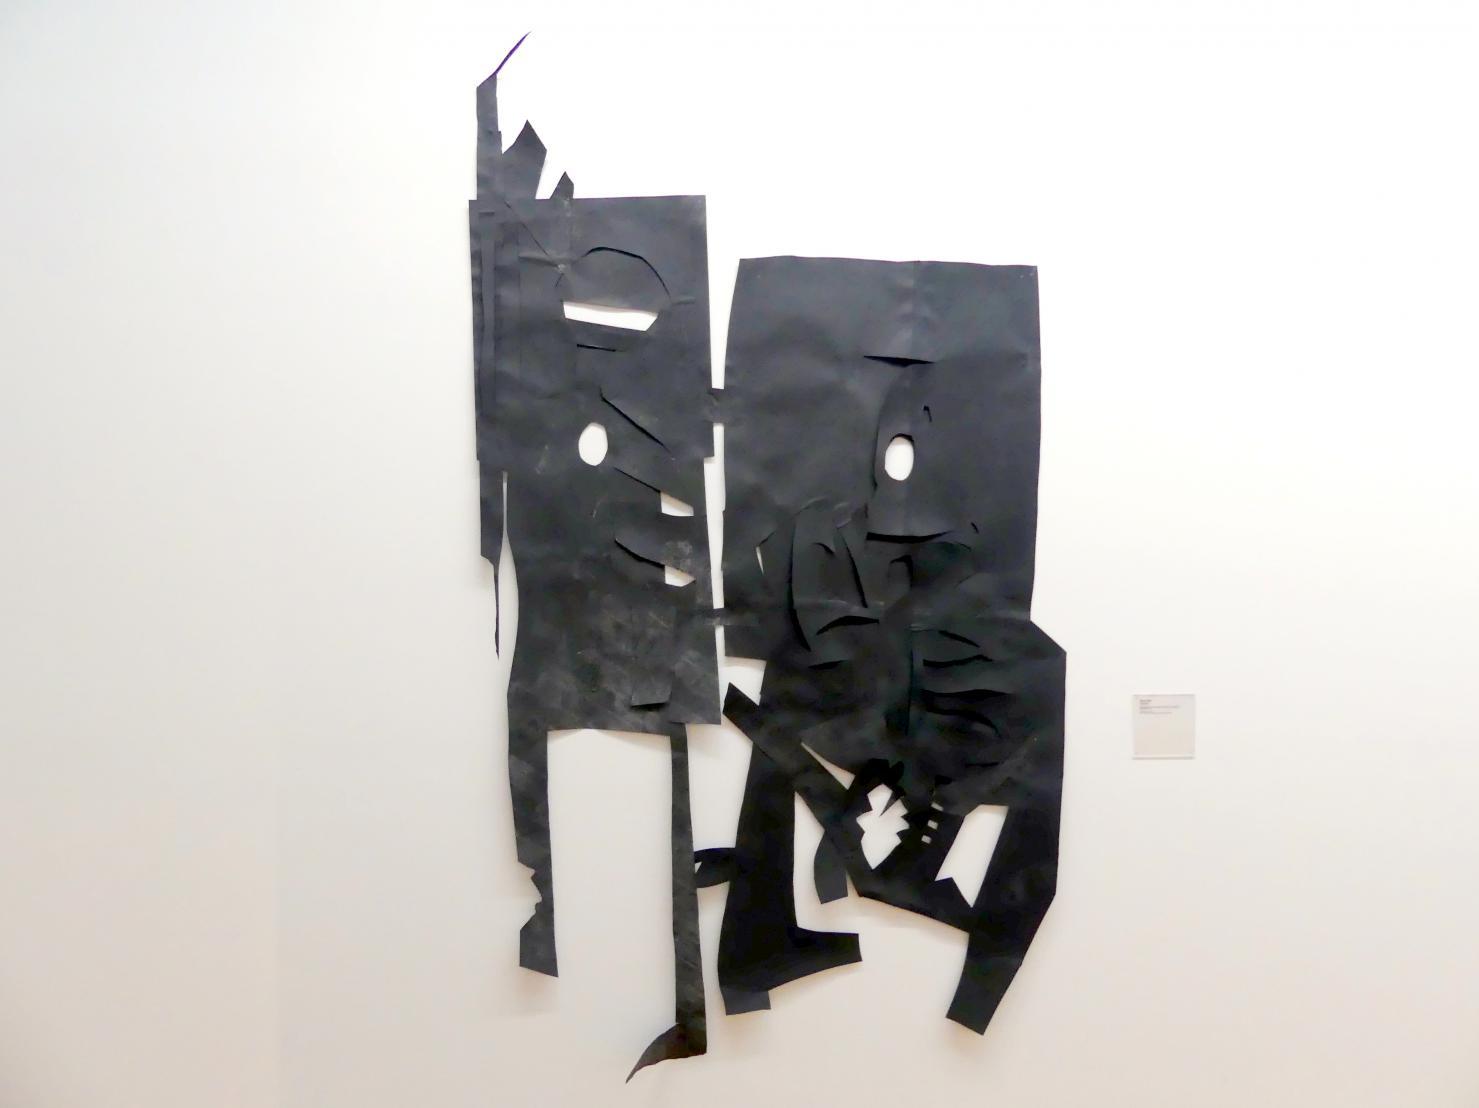 Felix Droese: Ohne Titel, 1993